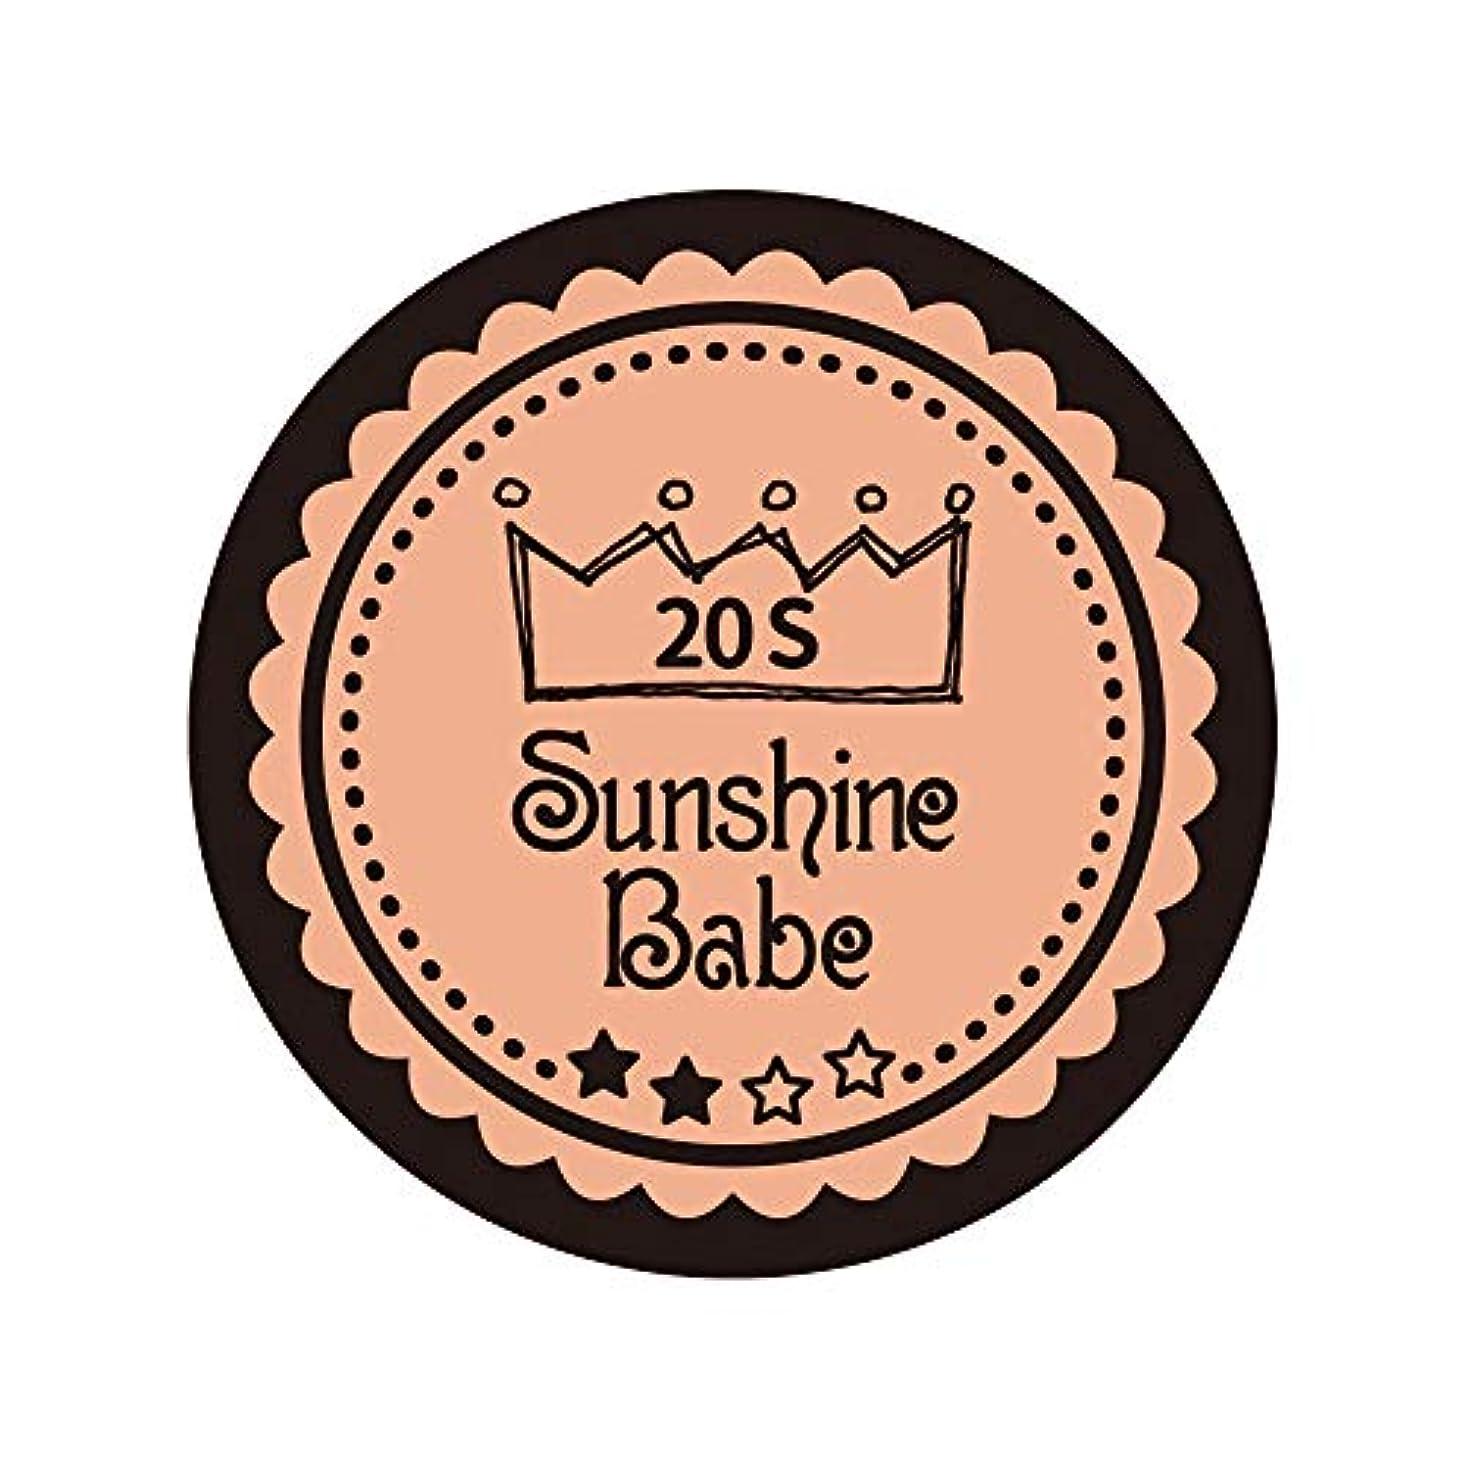 サイトライン手術一杯Sunshine Babe カラージェル 20S ヌーディベージュ 2.7g UV/LED対応